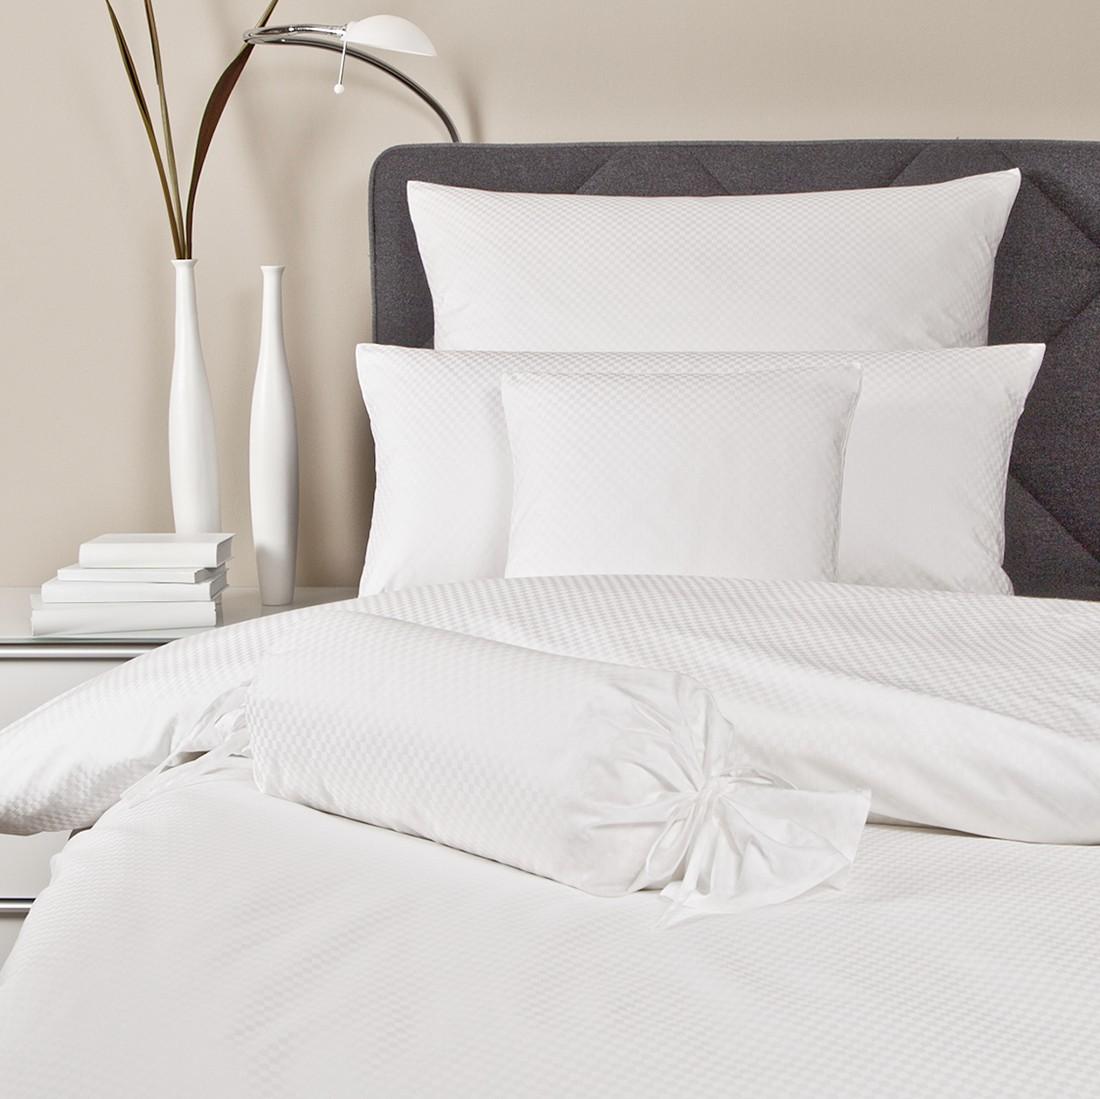 Home 24 - Parure de lit rubin - uni - blanc - 135 x 200 cm + coussin 80 x 80 cm, janine